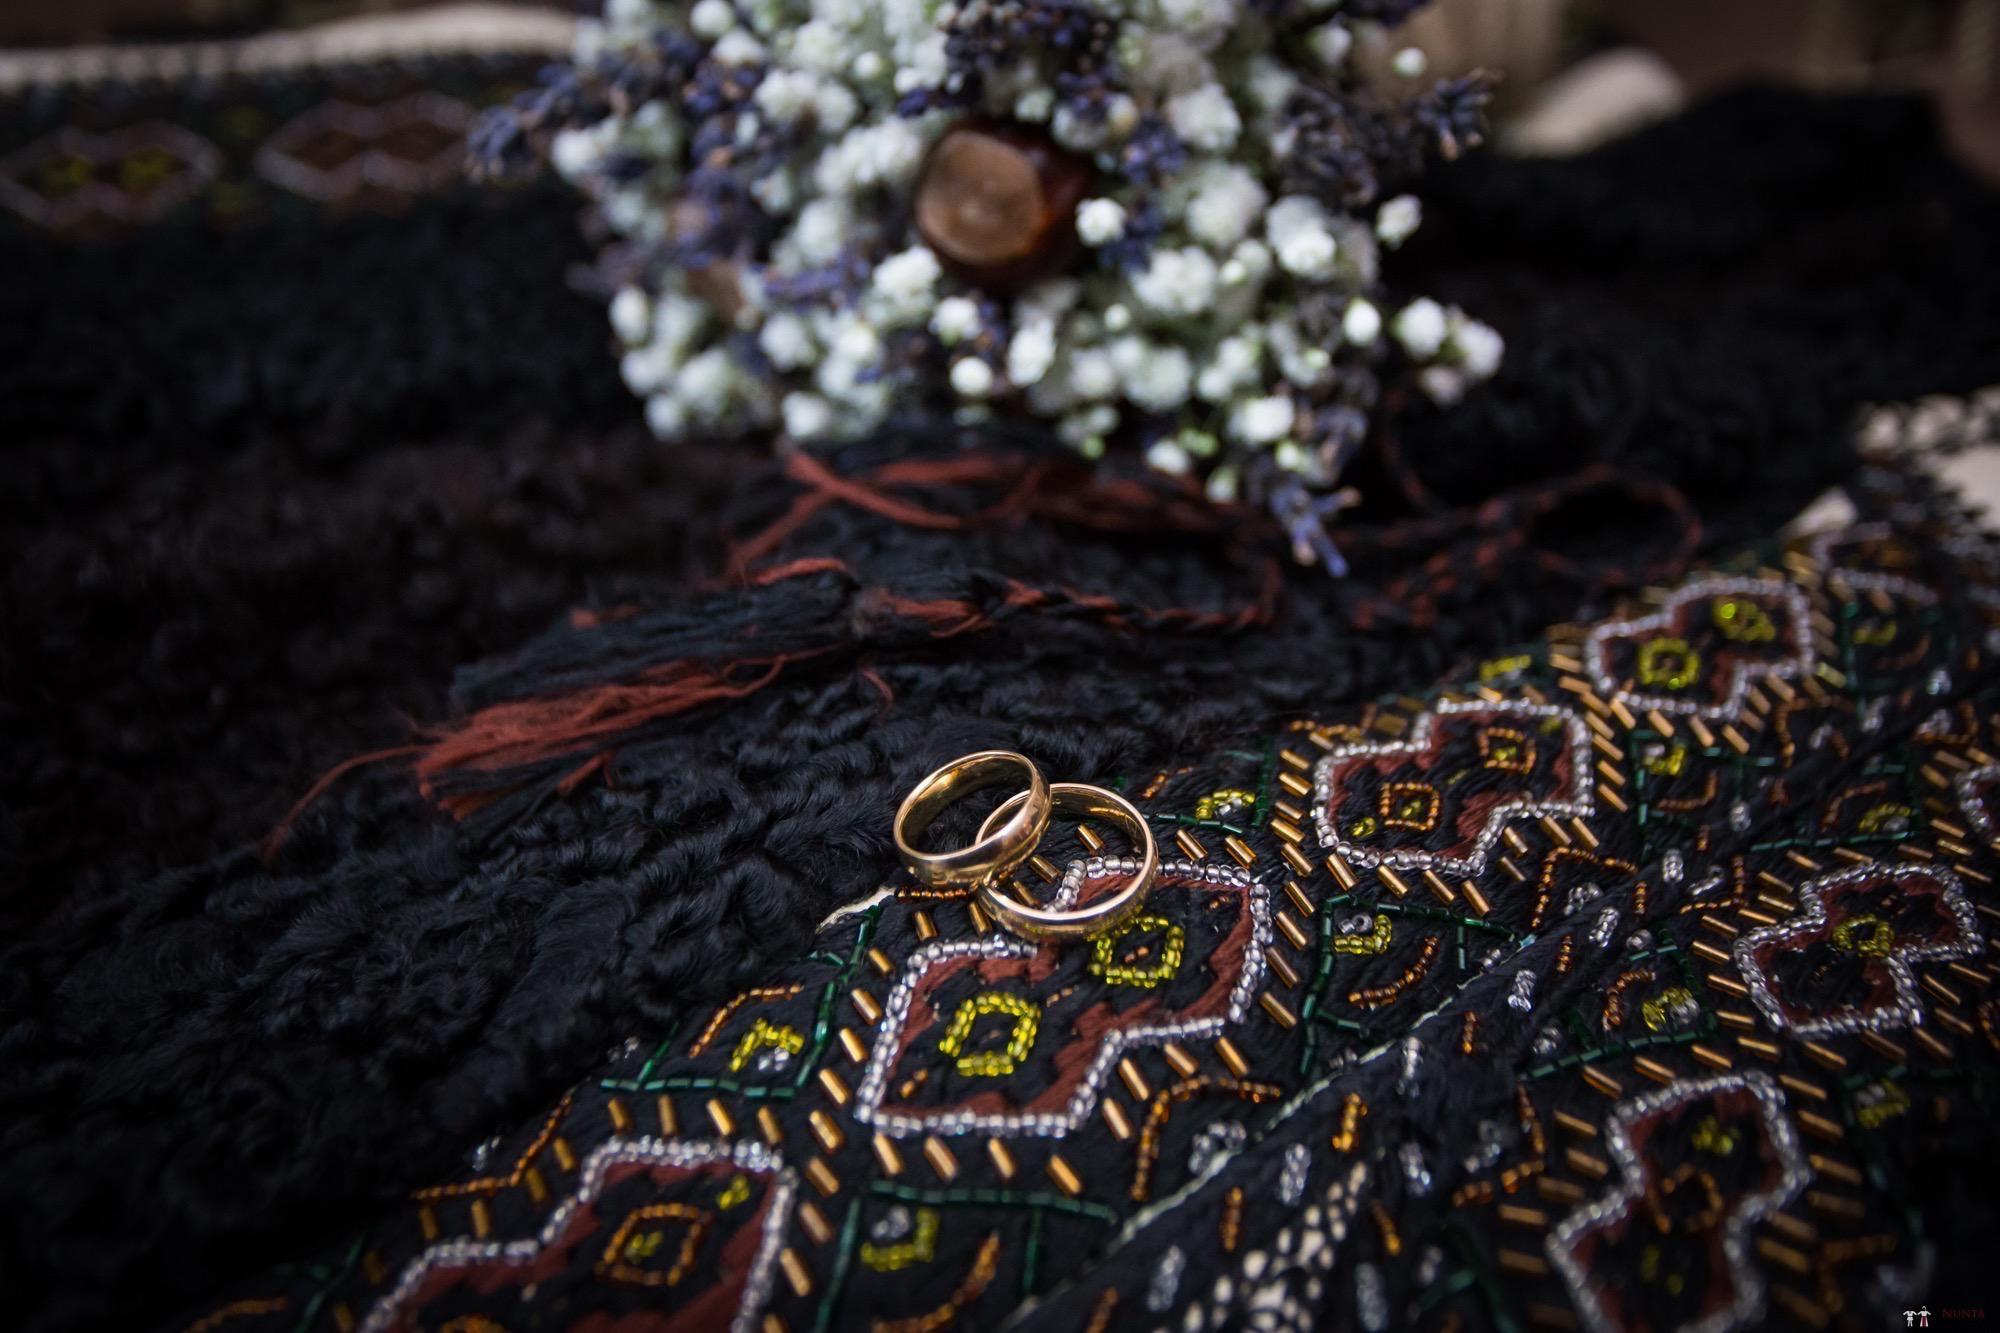 Povești Nunți Tradiționale - Ioana-Alexandra și Bogdan-Vasile. Nuntă tradițională în Fălticeni 4